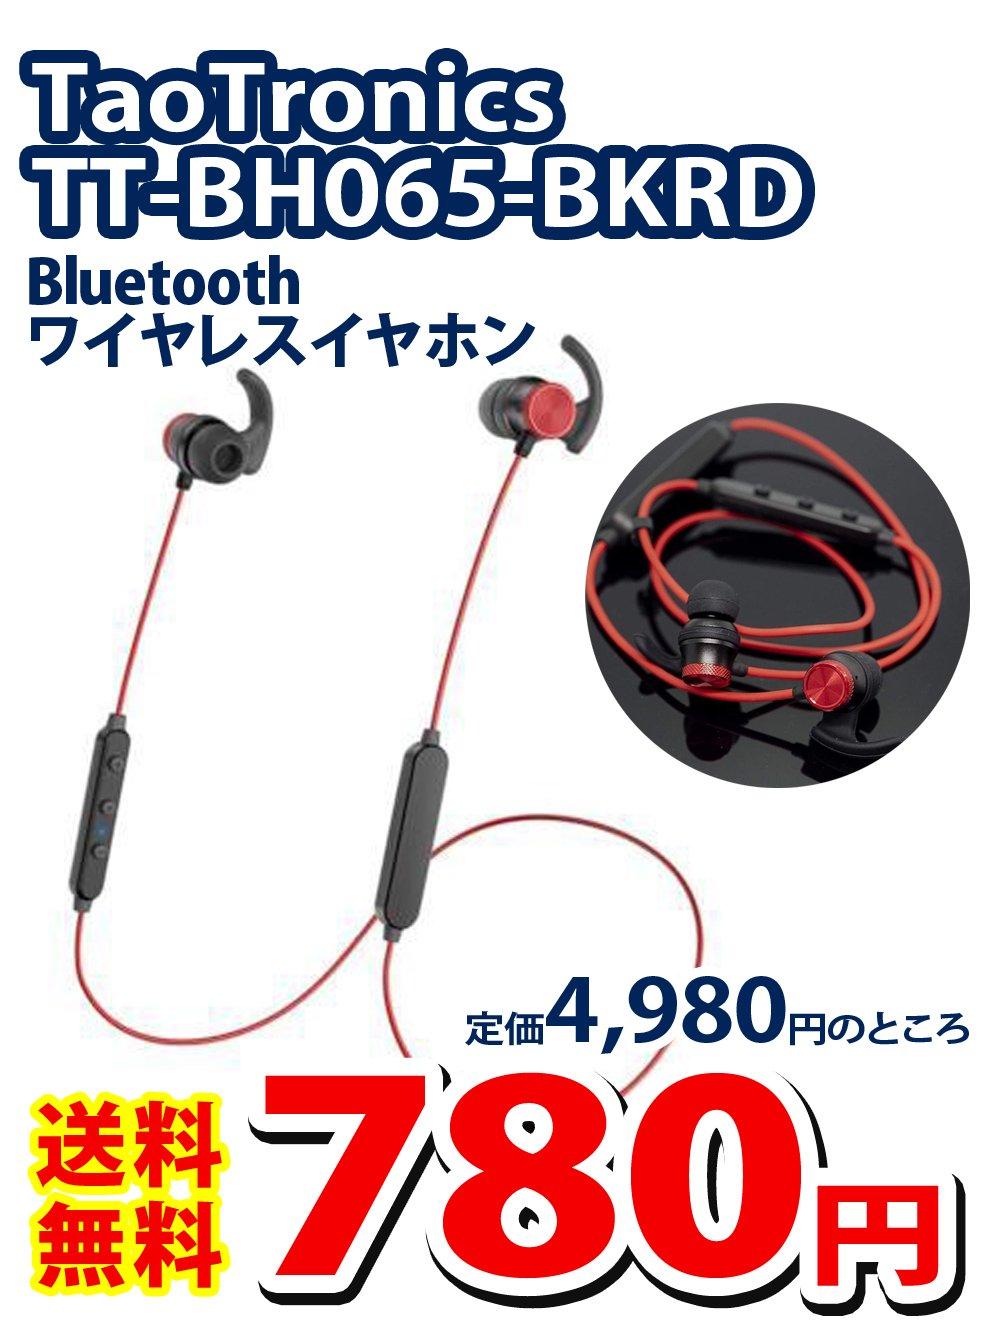 【送料無料】TT-BH065-BKRD Bluetooth ワイヤレスイヤフォン【780円】定価4,980